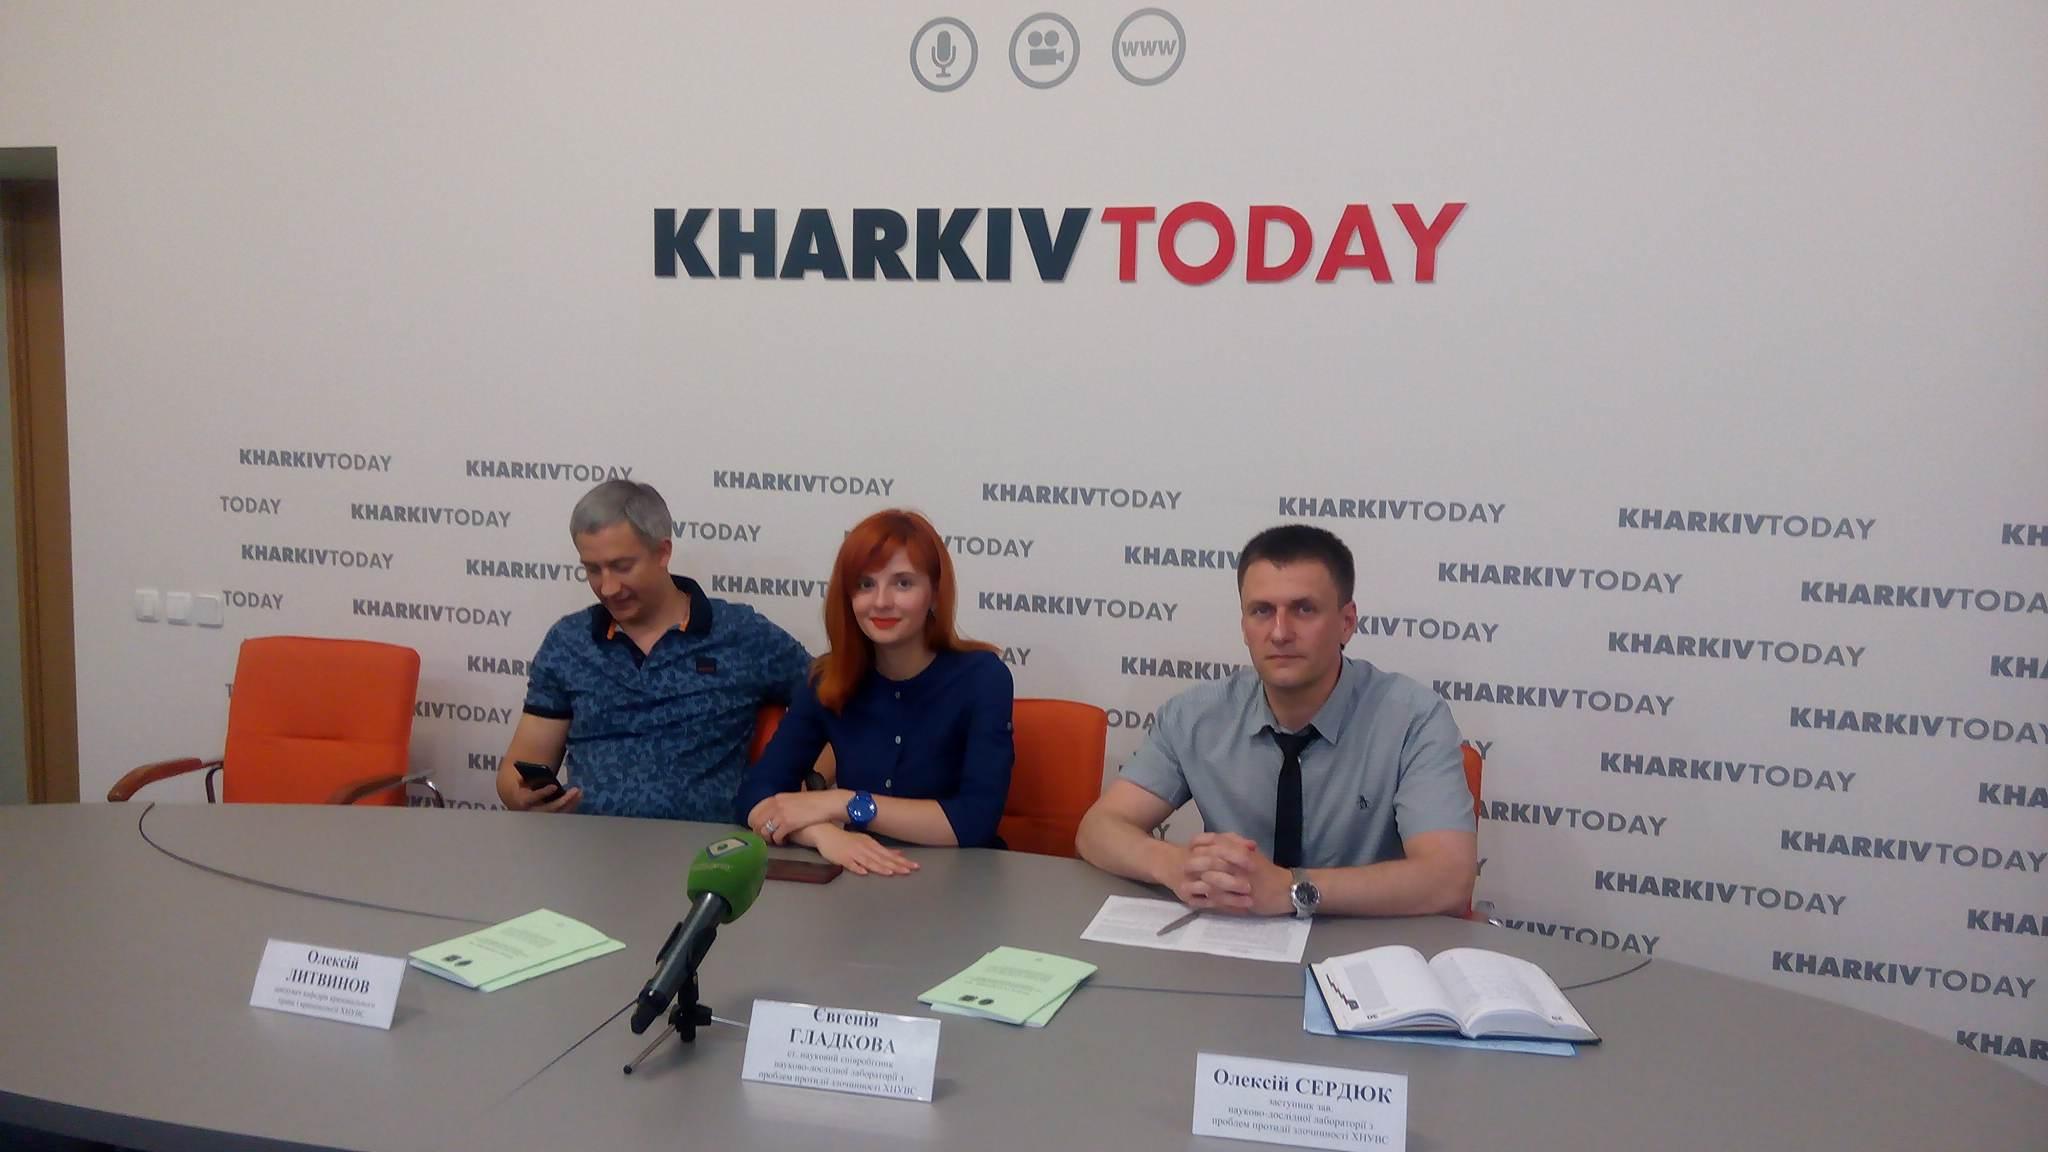 25 років: у Харкові презентували довготривале дослідження щодо наркотиків (відео)